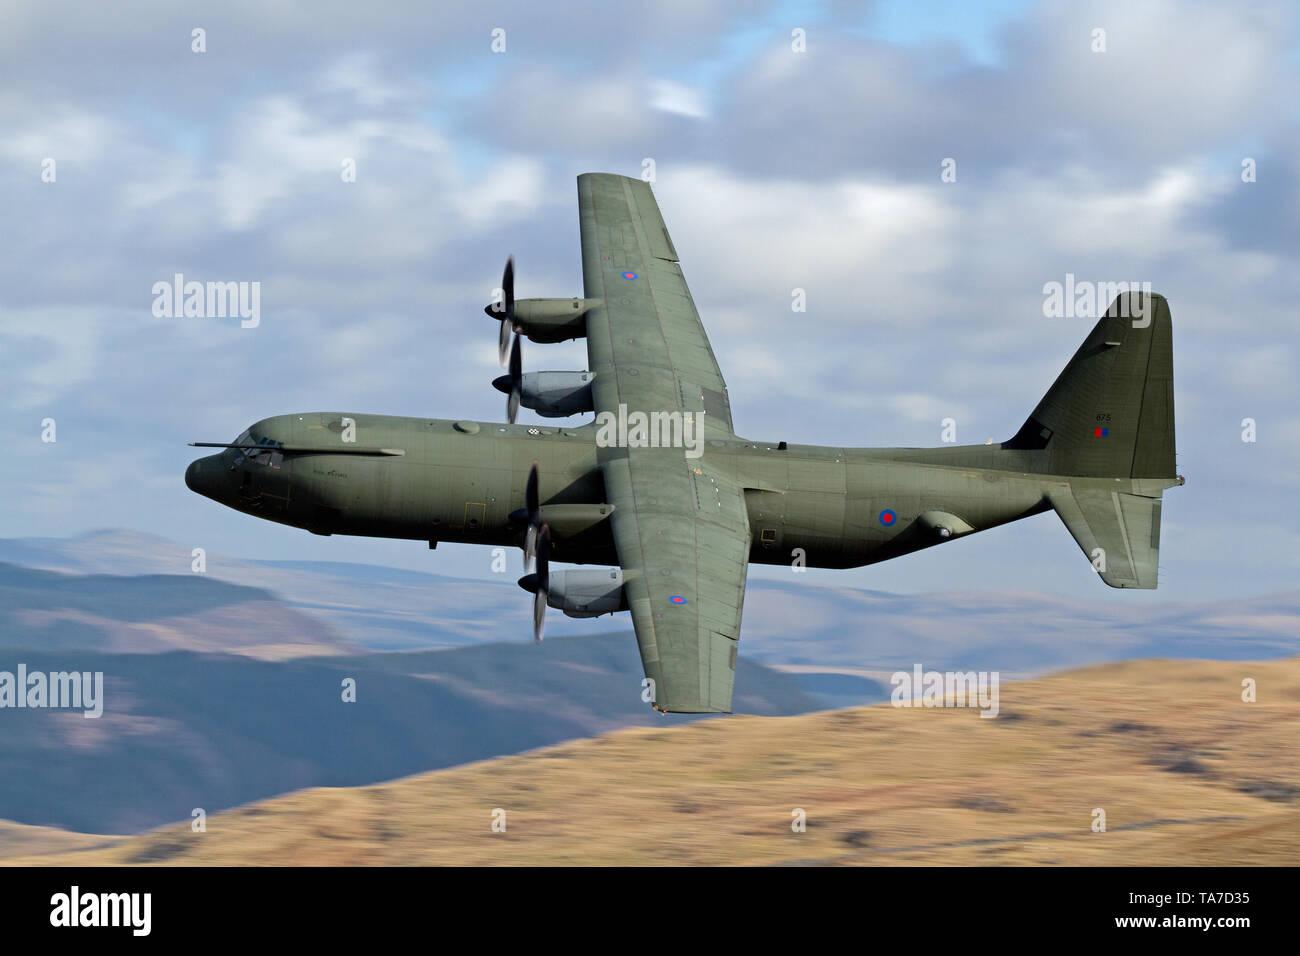 RAF Lockheed C-130 Hercules flying low level in the Mach Loop in Wales, UK Stock Photo